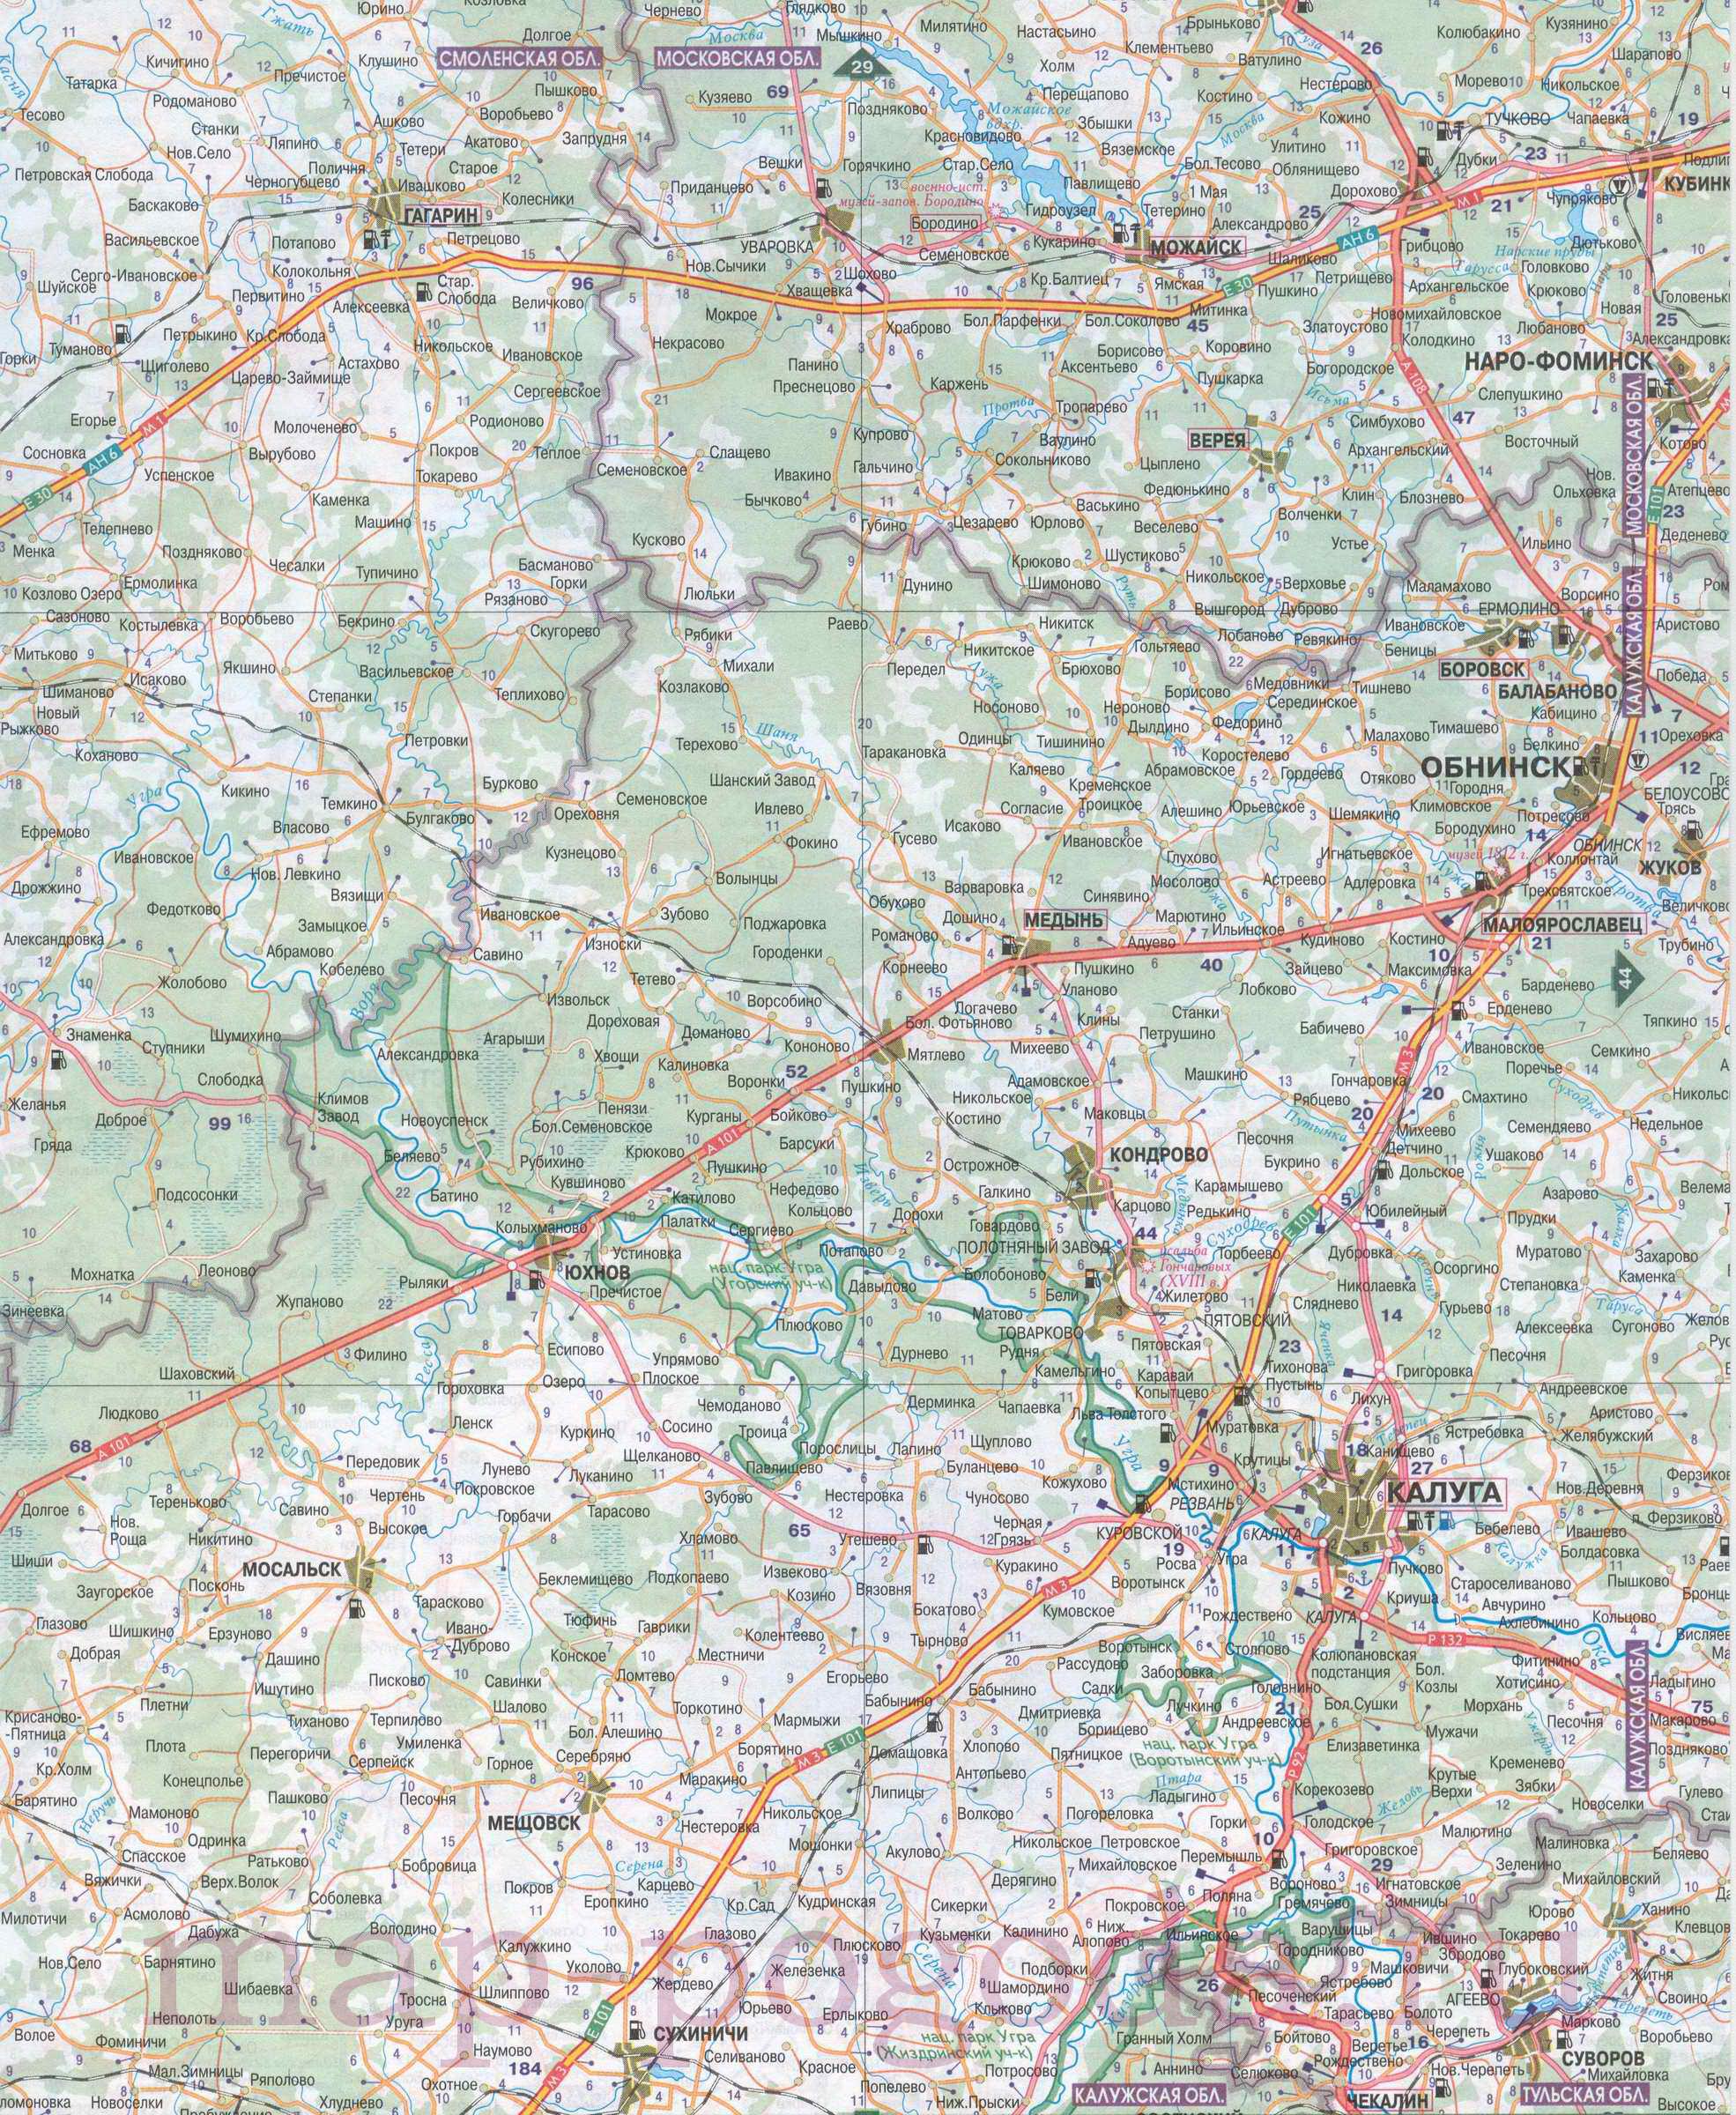 Схема проезда от михайлово до село тырново